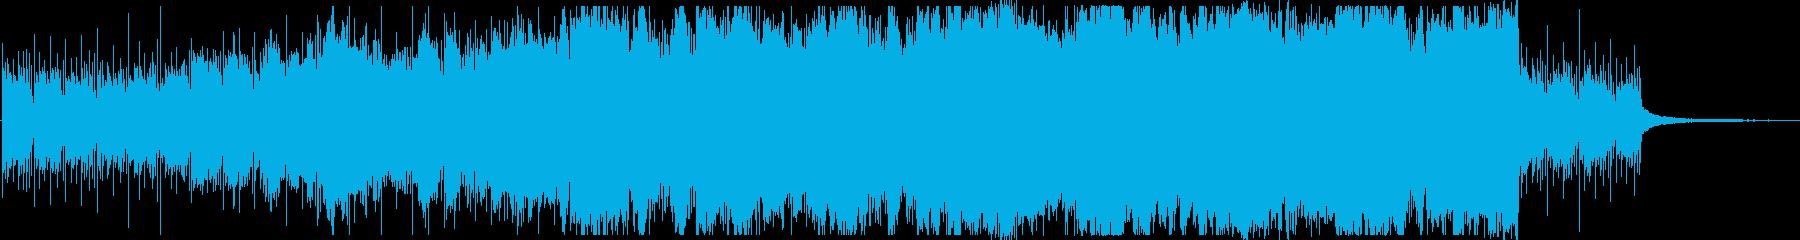 ピアノとストリングスの美しい曲の再生済みの波形